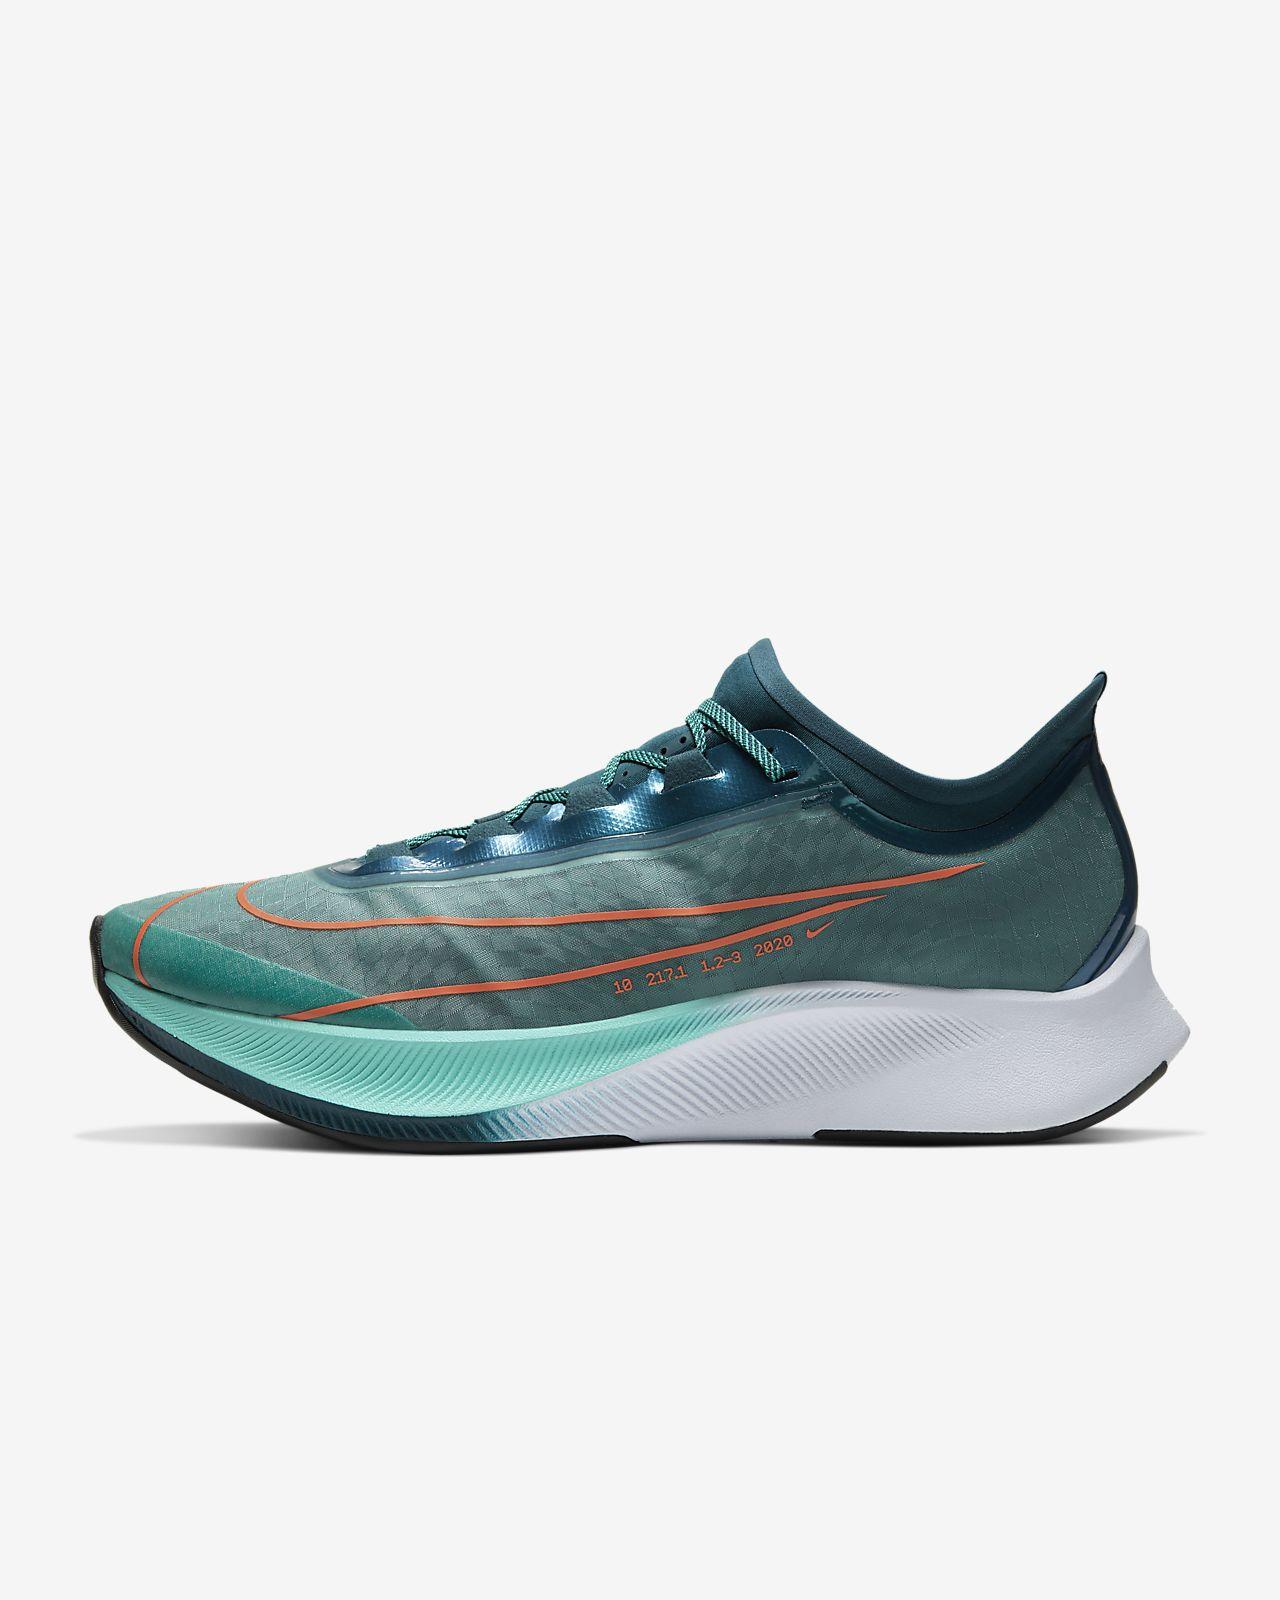 Ανδρικό παπούτσι για τρέξιμο Nike Zoom Fly 3 Premium